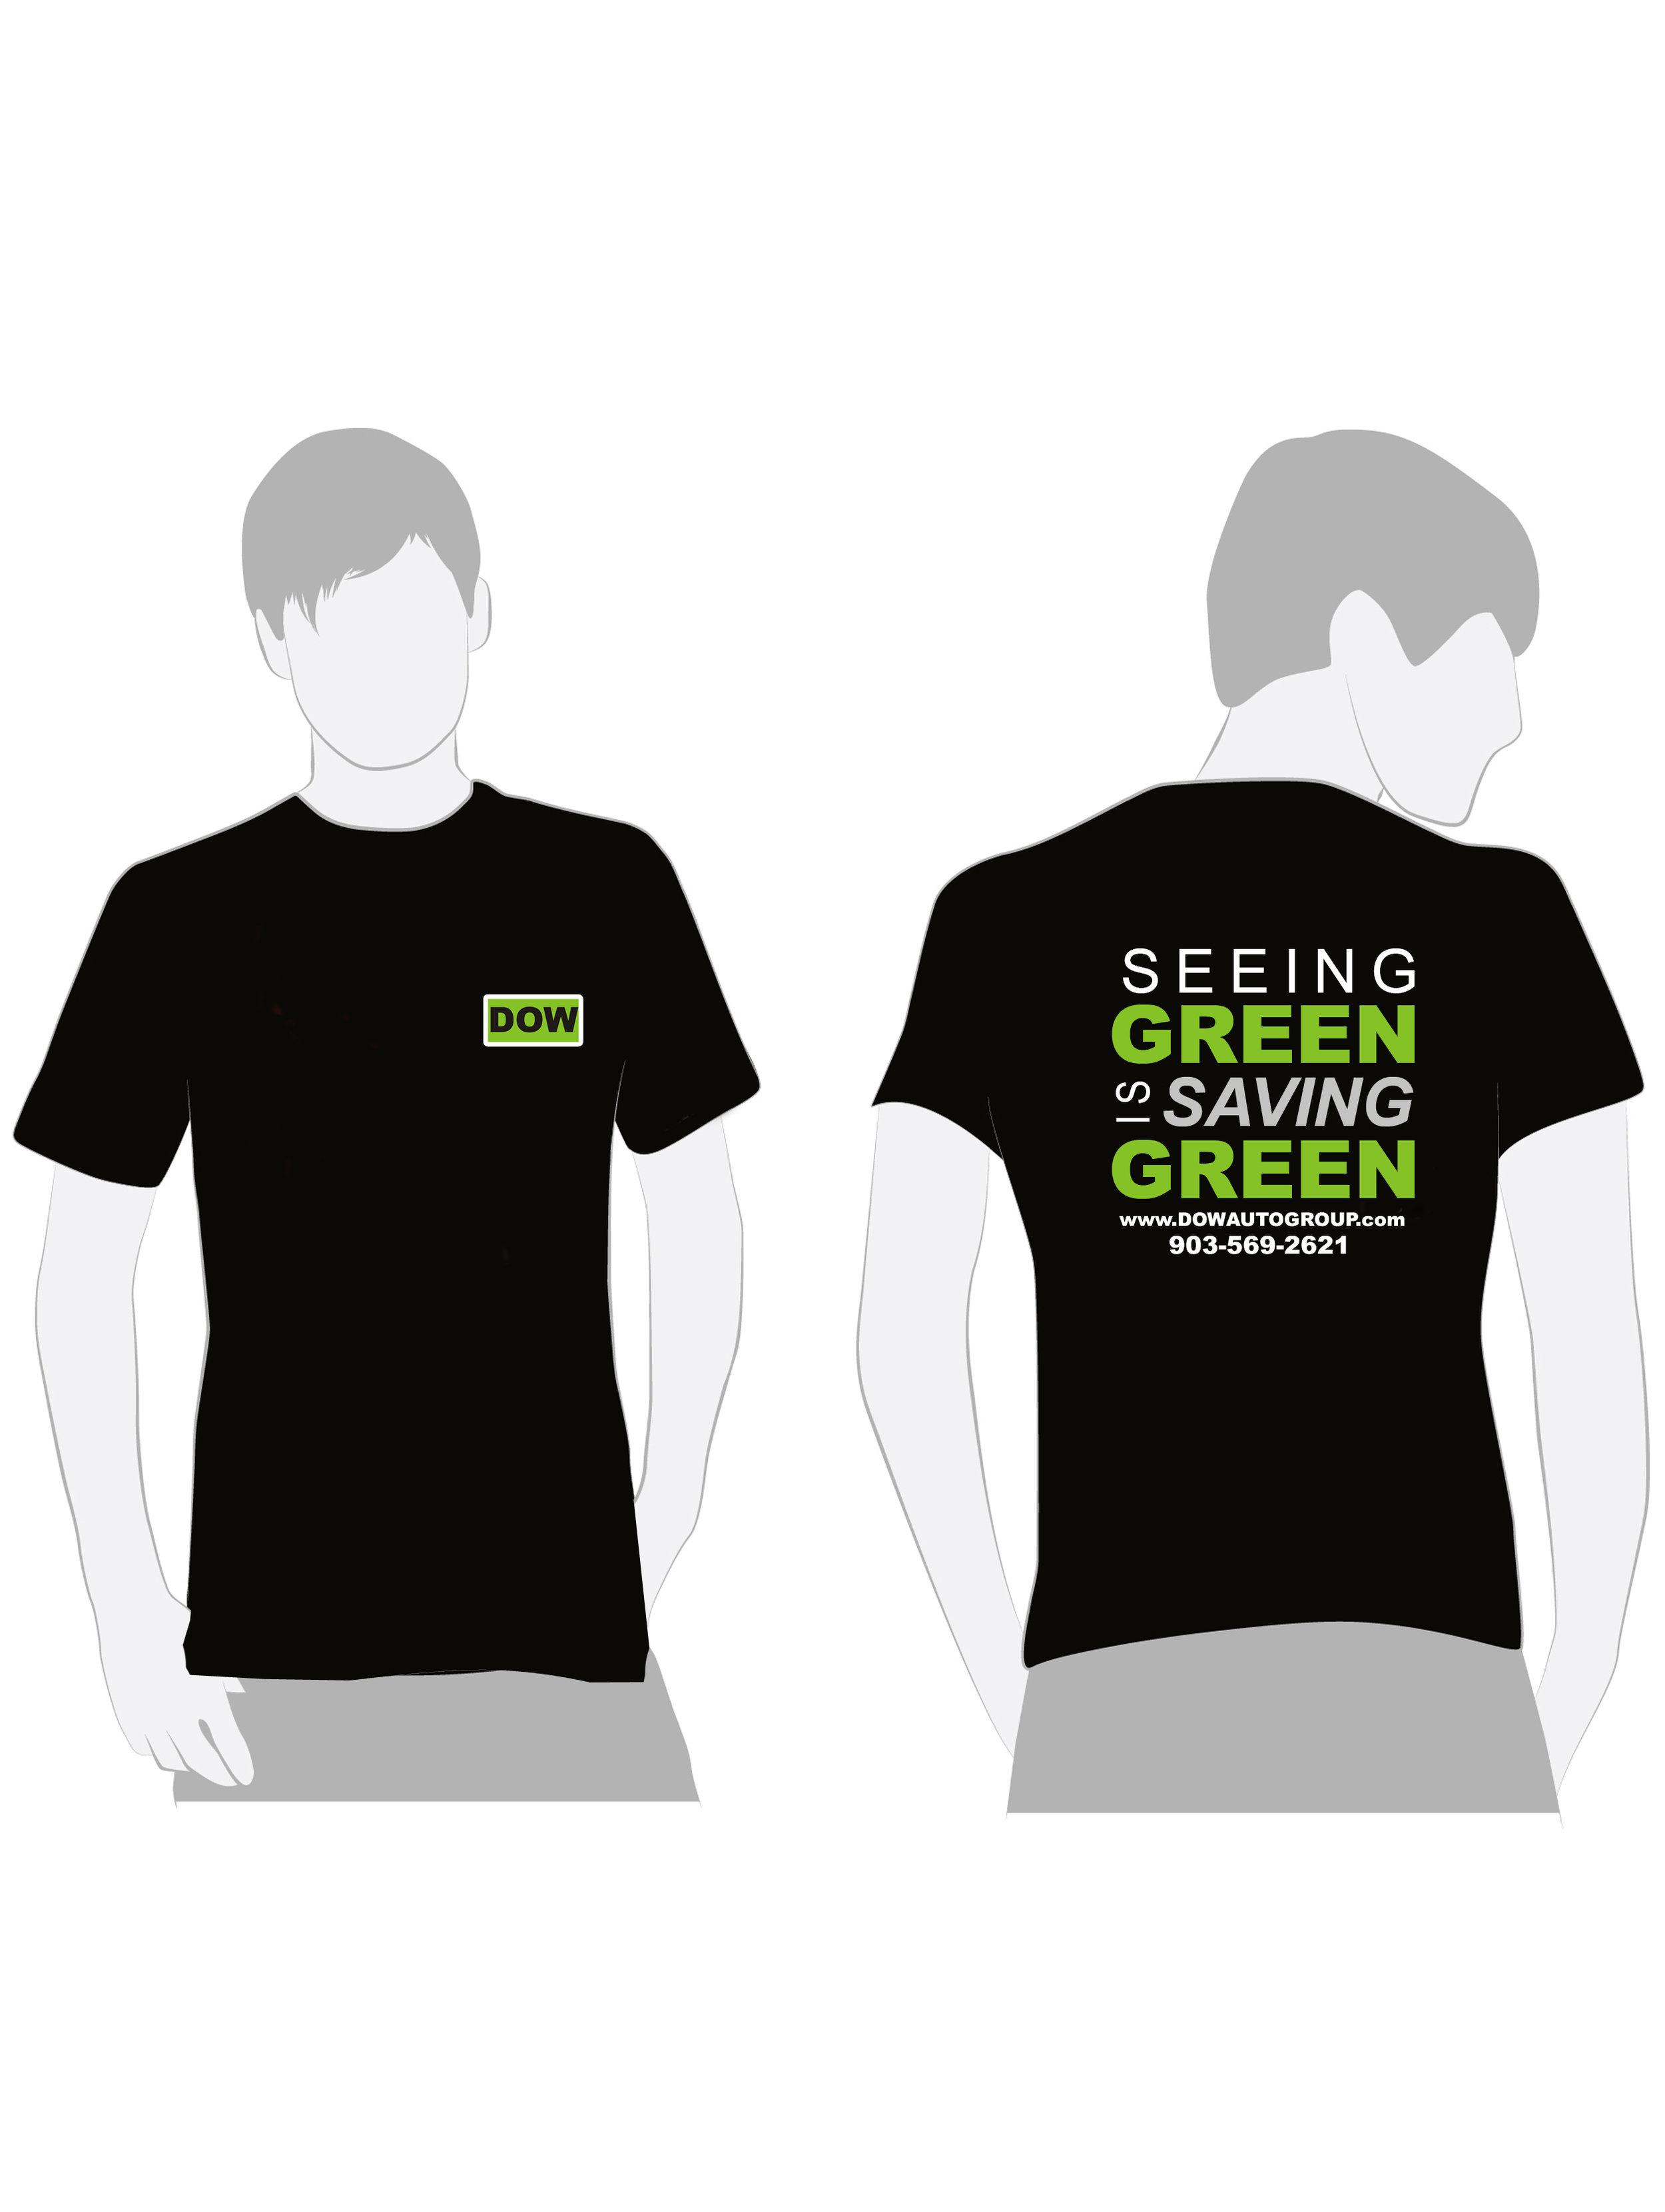 Dow Shirt Design.jpg